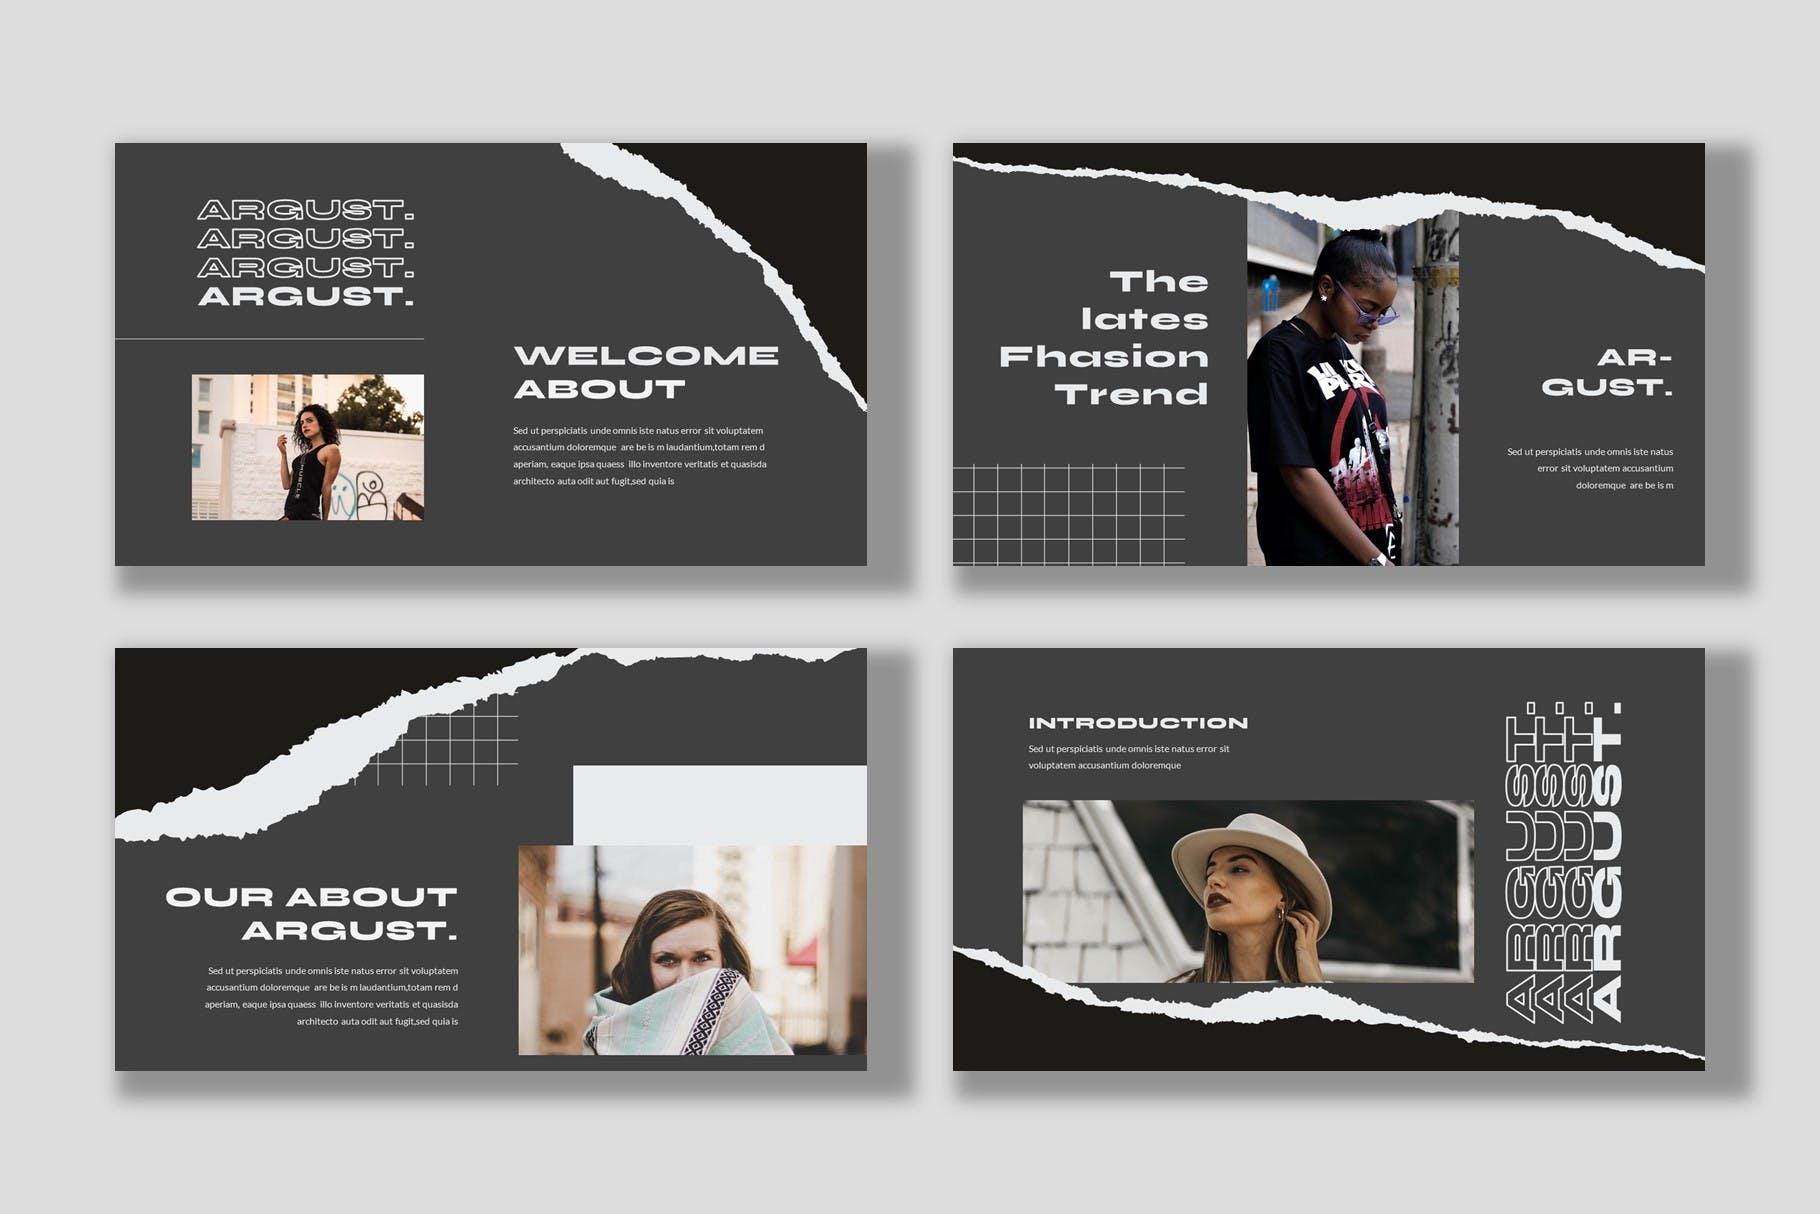 潮流撕纸效果品牌策划提案简报演示文稿设计模板 Argust Powerpoint Template插图1